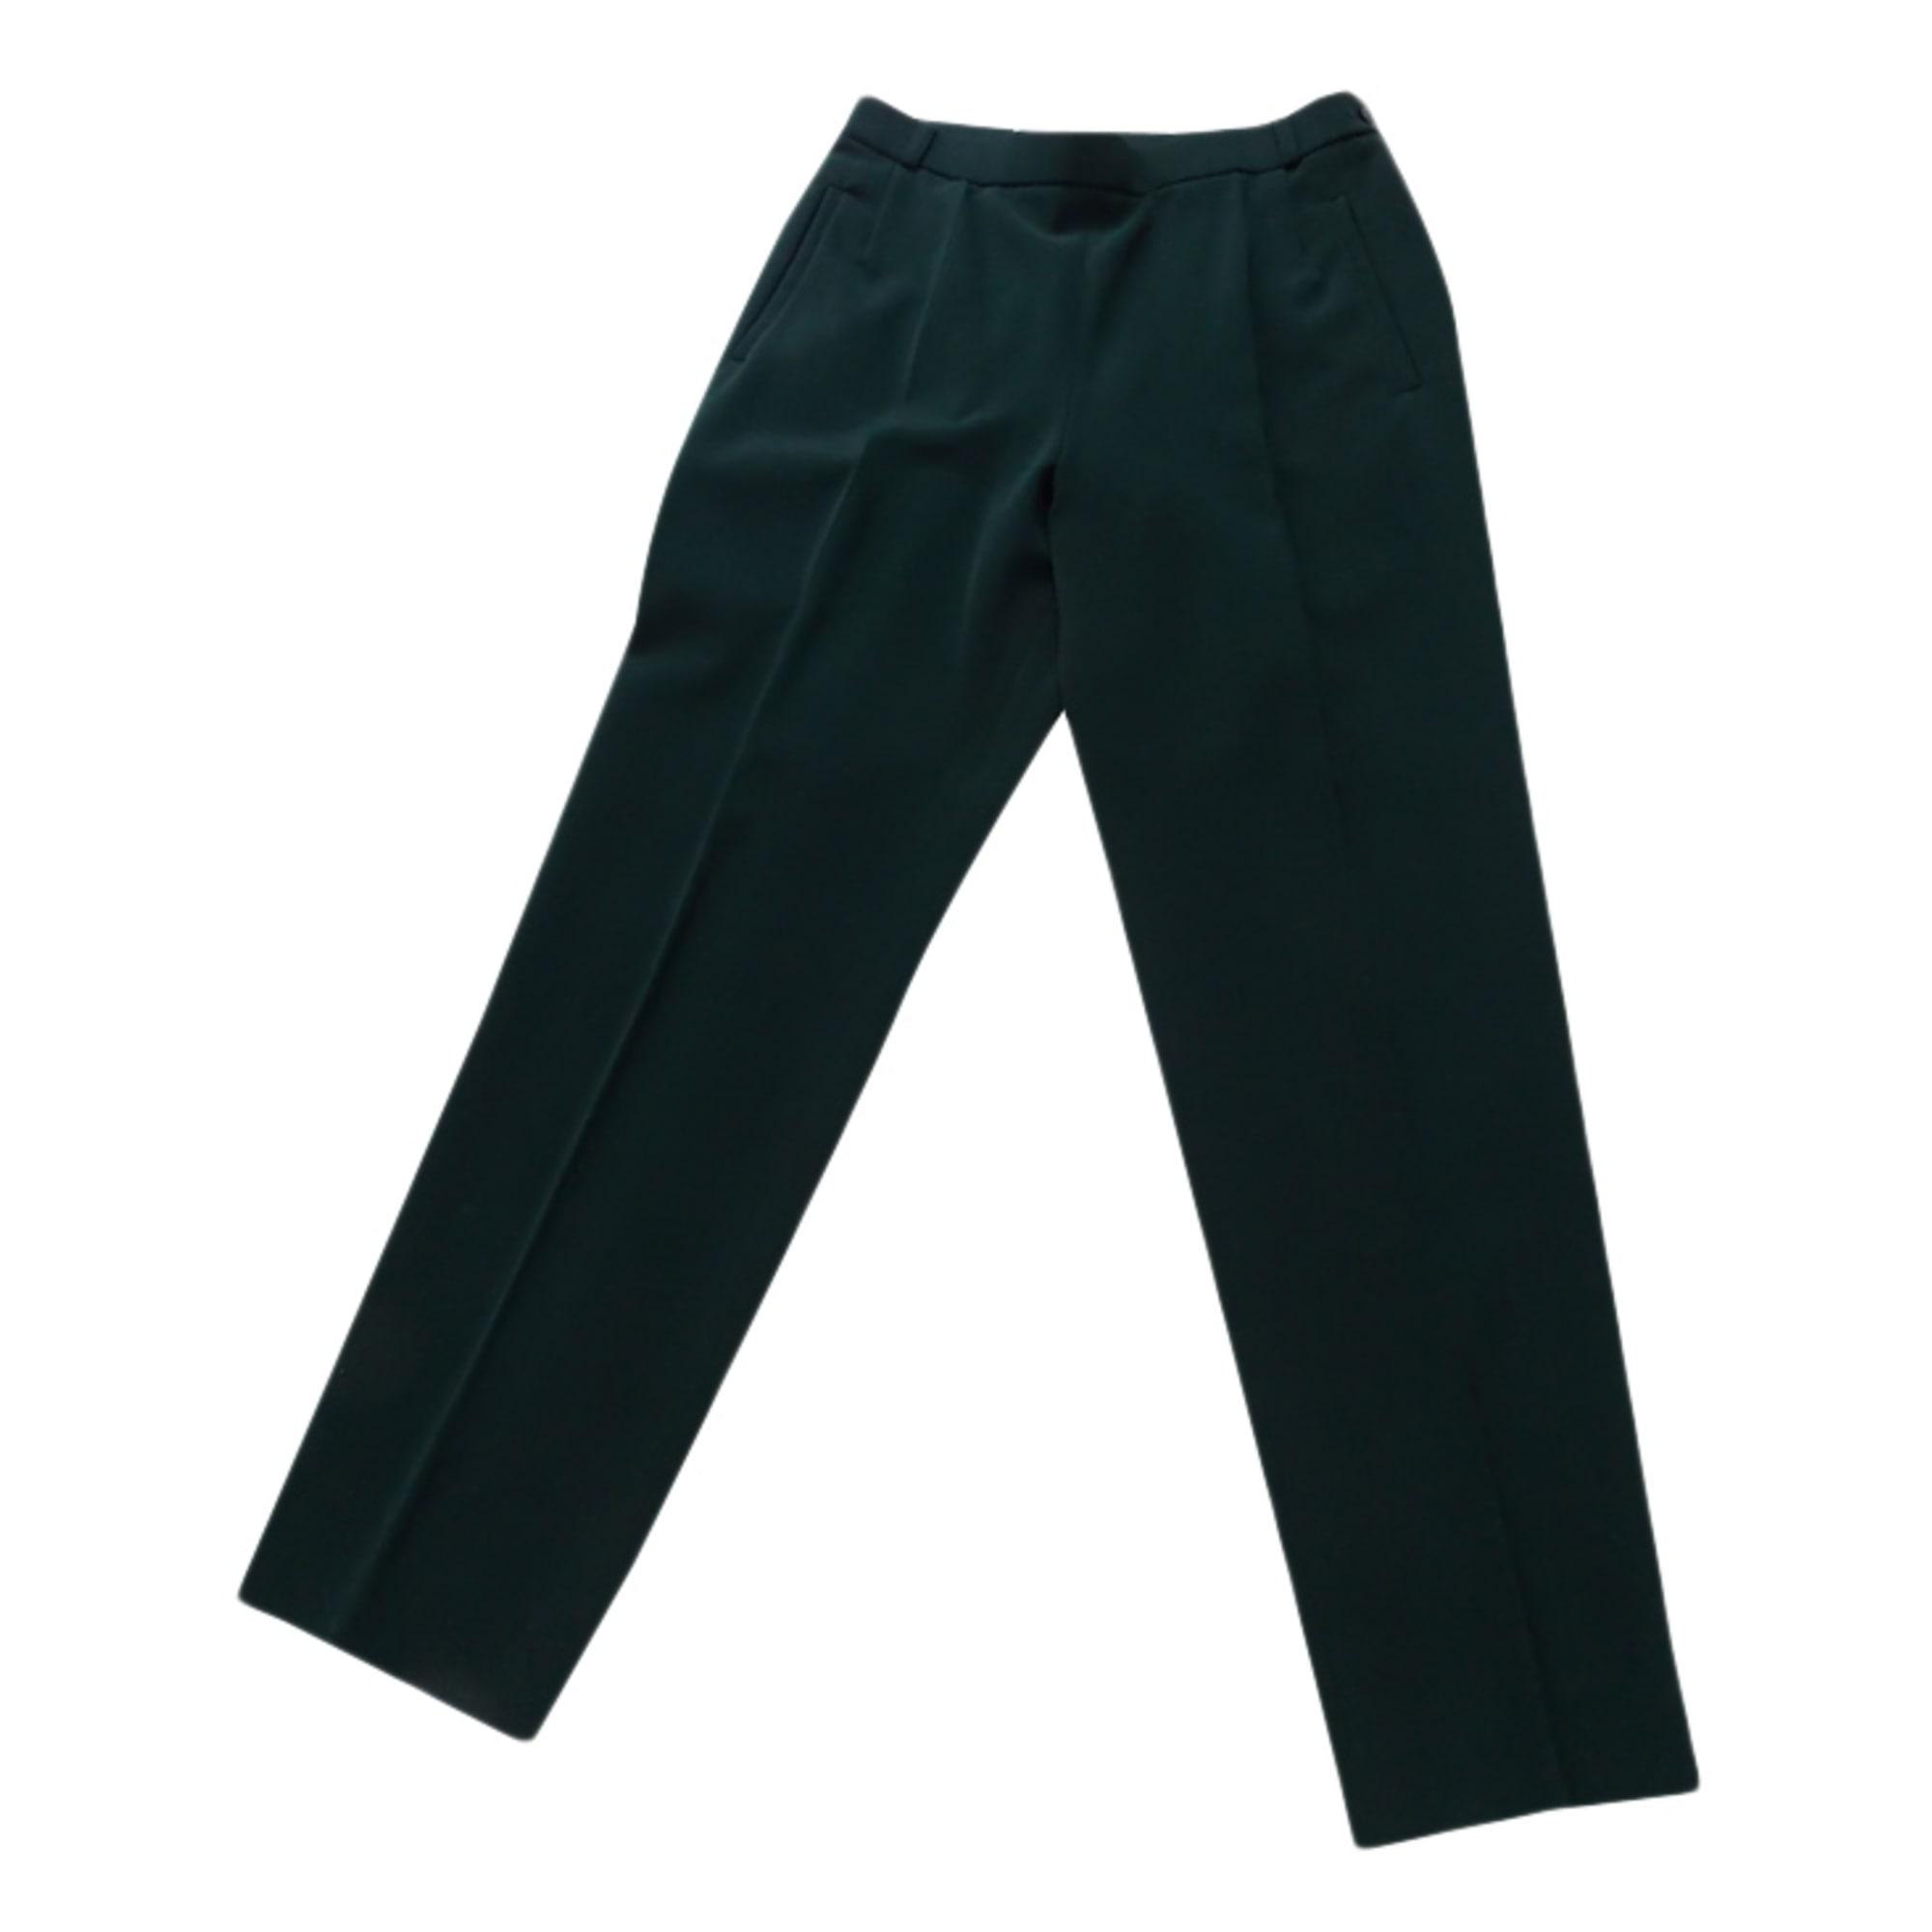 Pantalon slim, cigarette CAROLINE ROHMER Vert